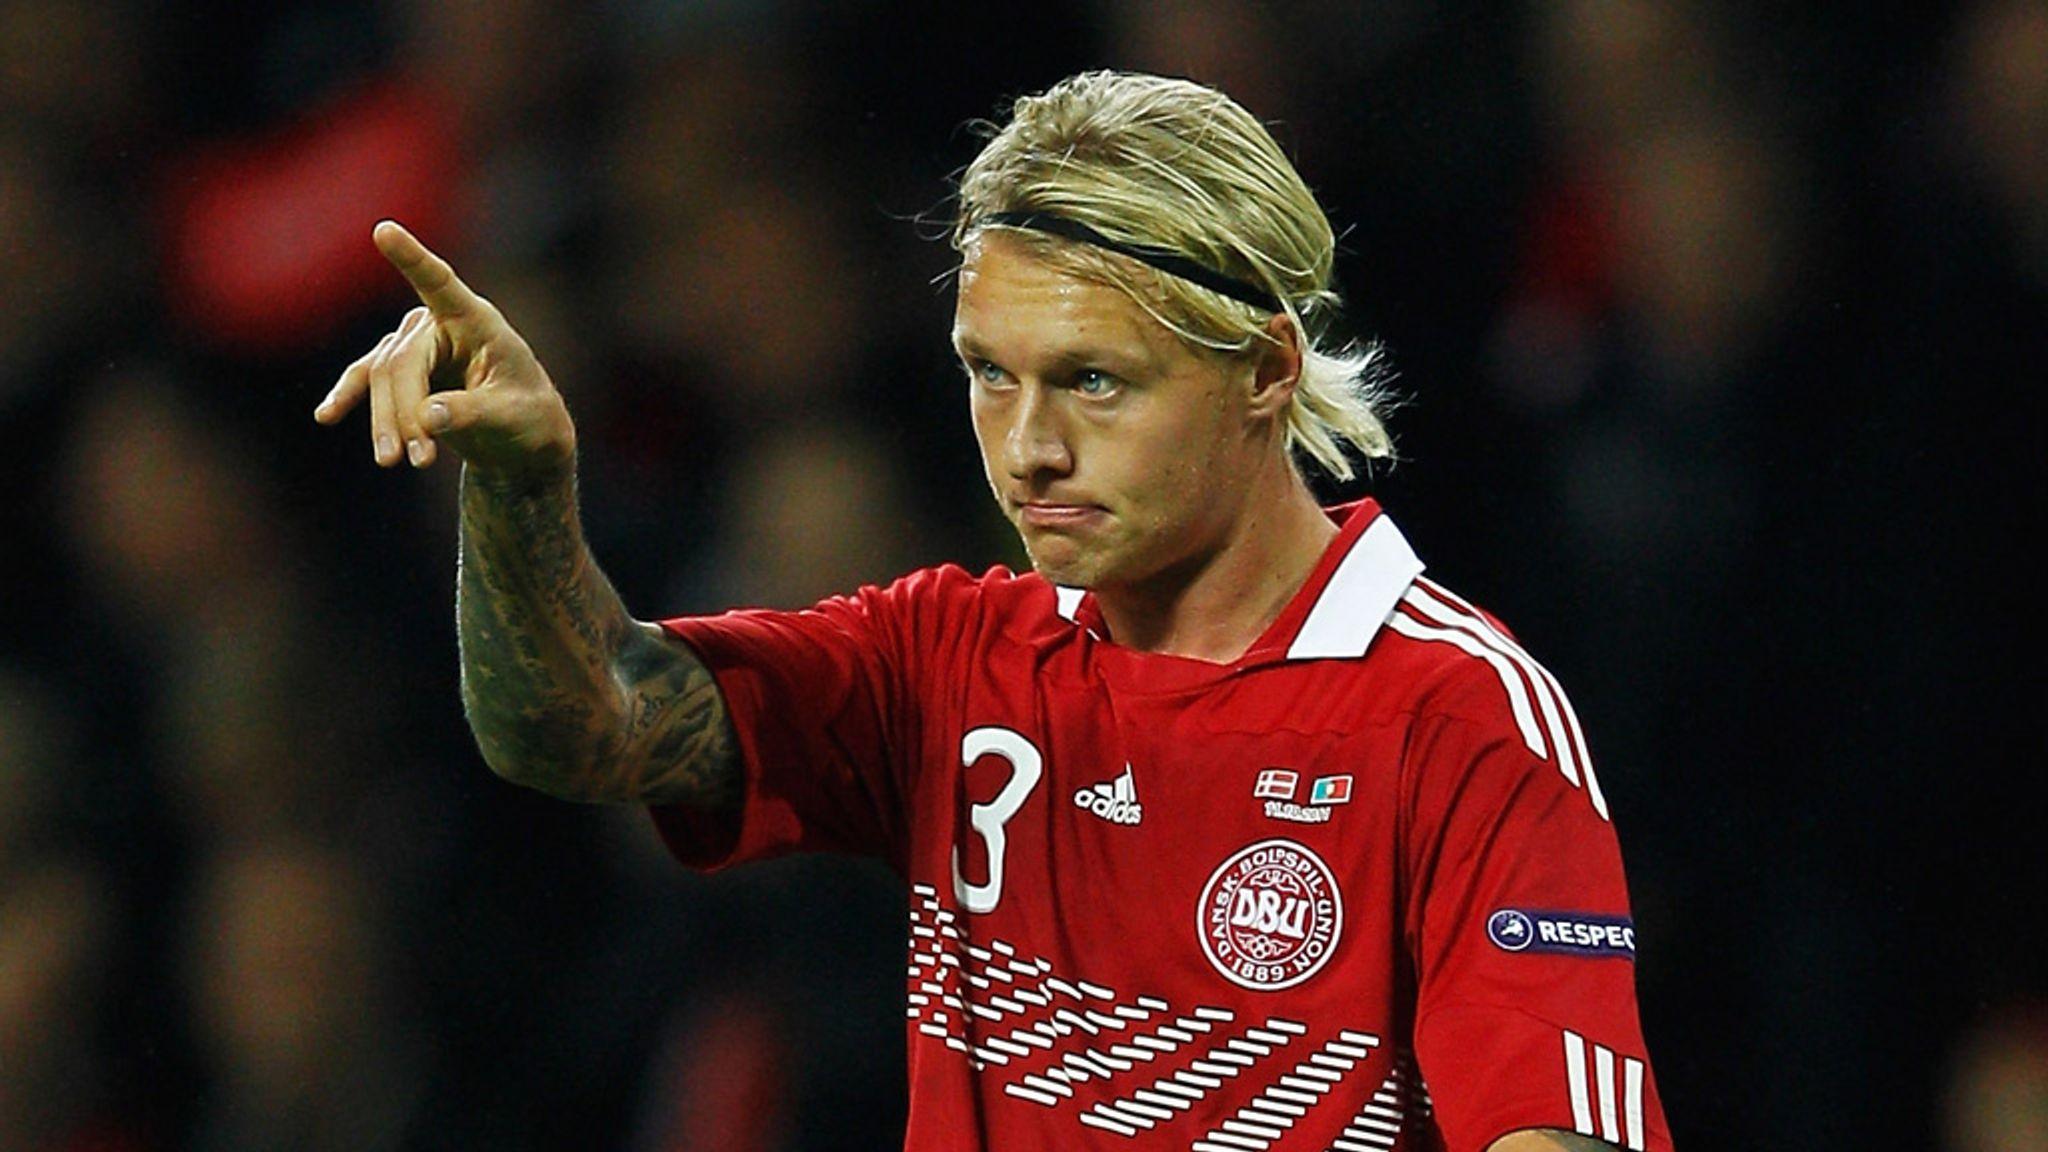 Transfer news: Danish defender Simon Kjaer joins Lille from Wolfsburg | Football News | Sky Sports